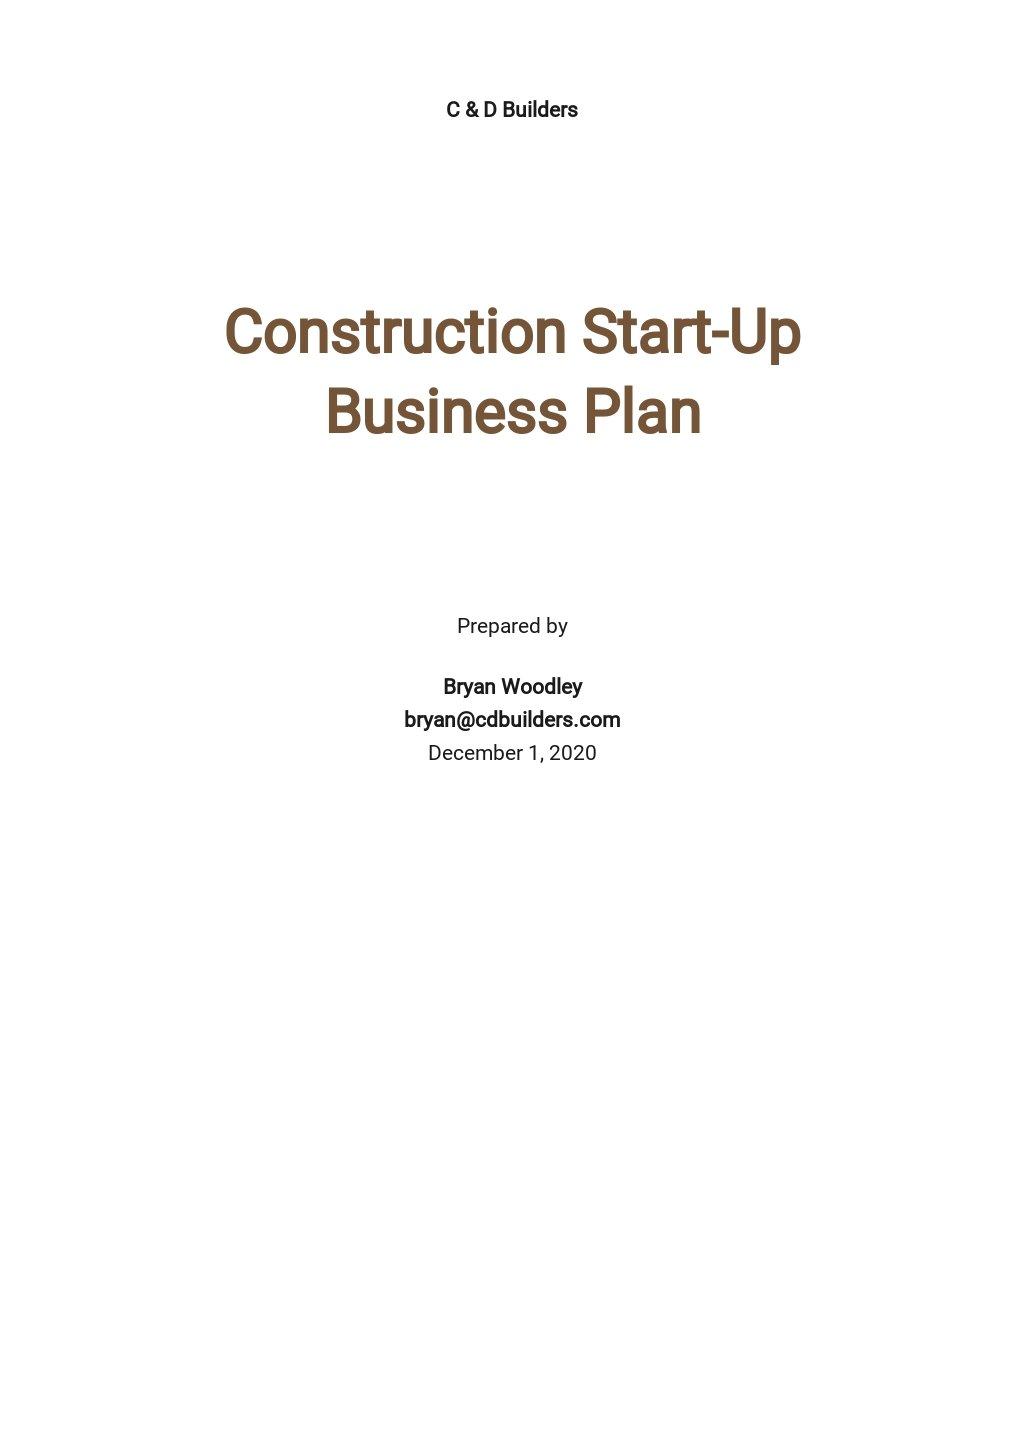 Construction Start-up Business Plan Template